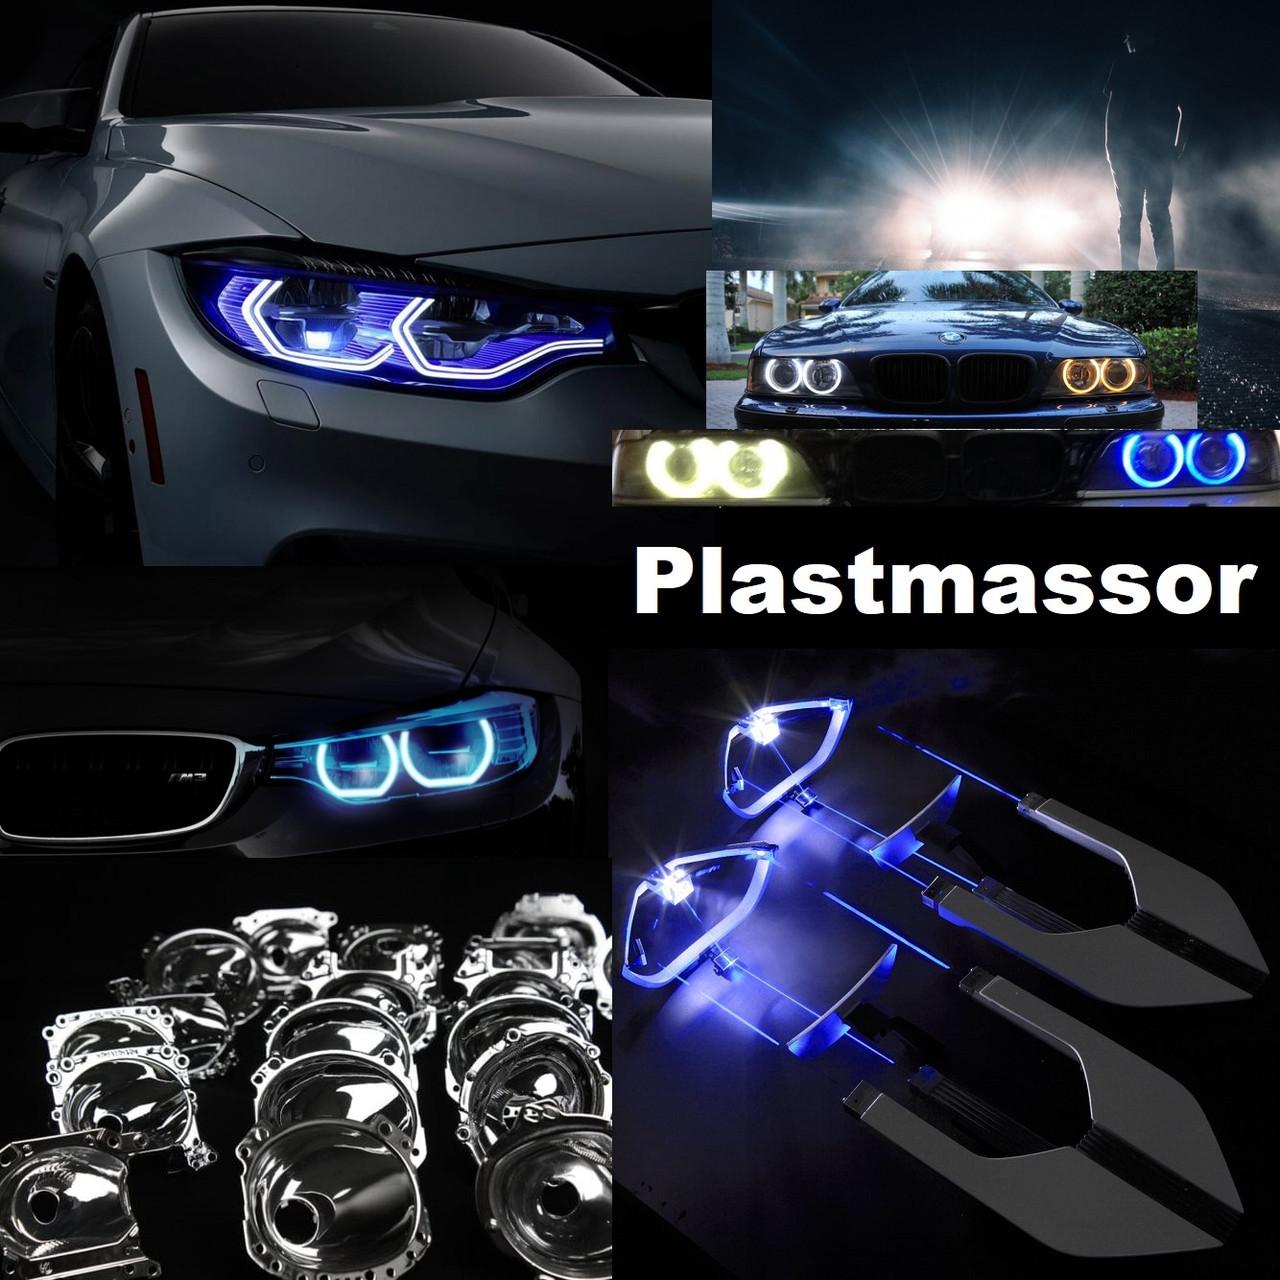 Ремонт Plastmassor вакуумная металлизация восстановление отражателей фар Daewoo